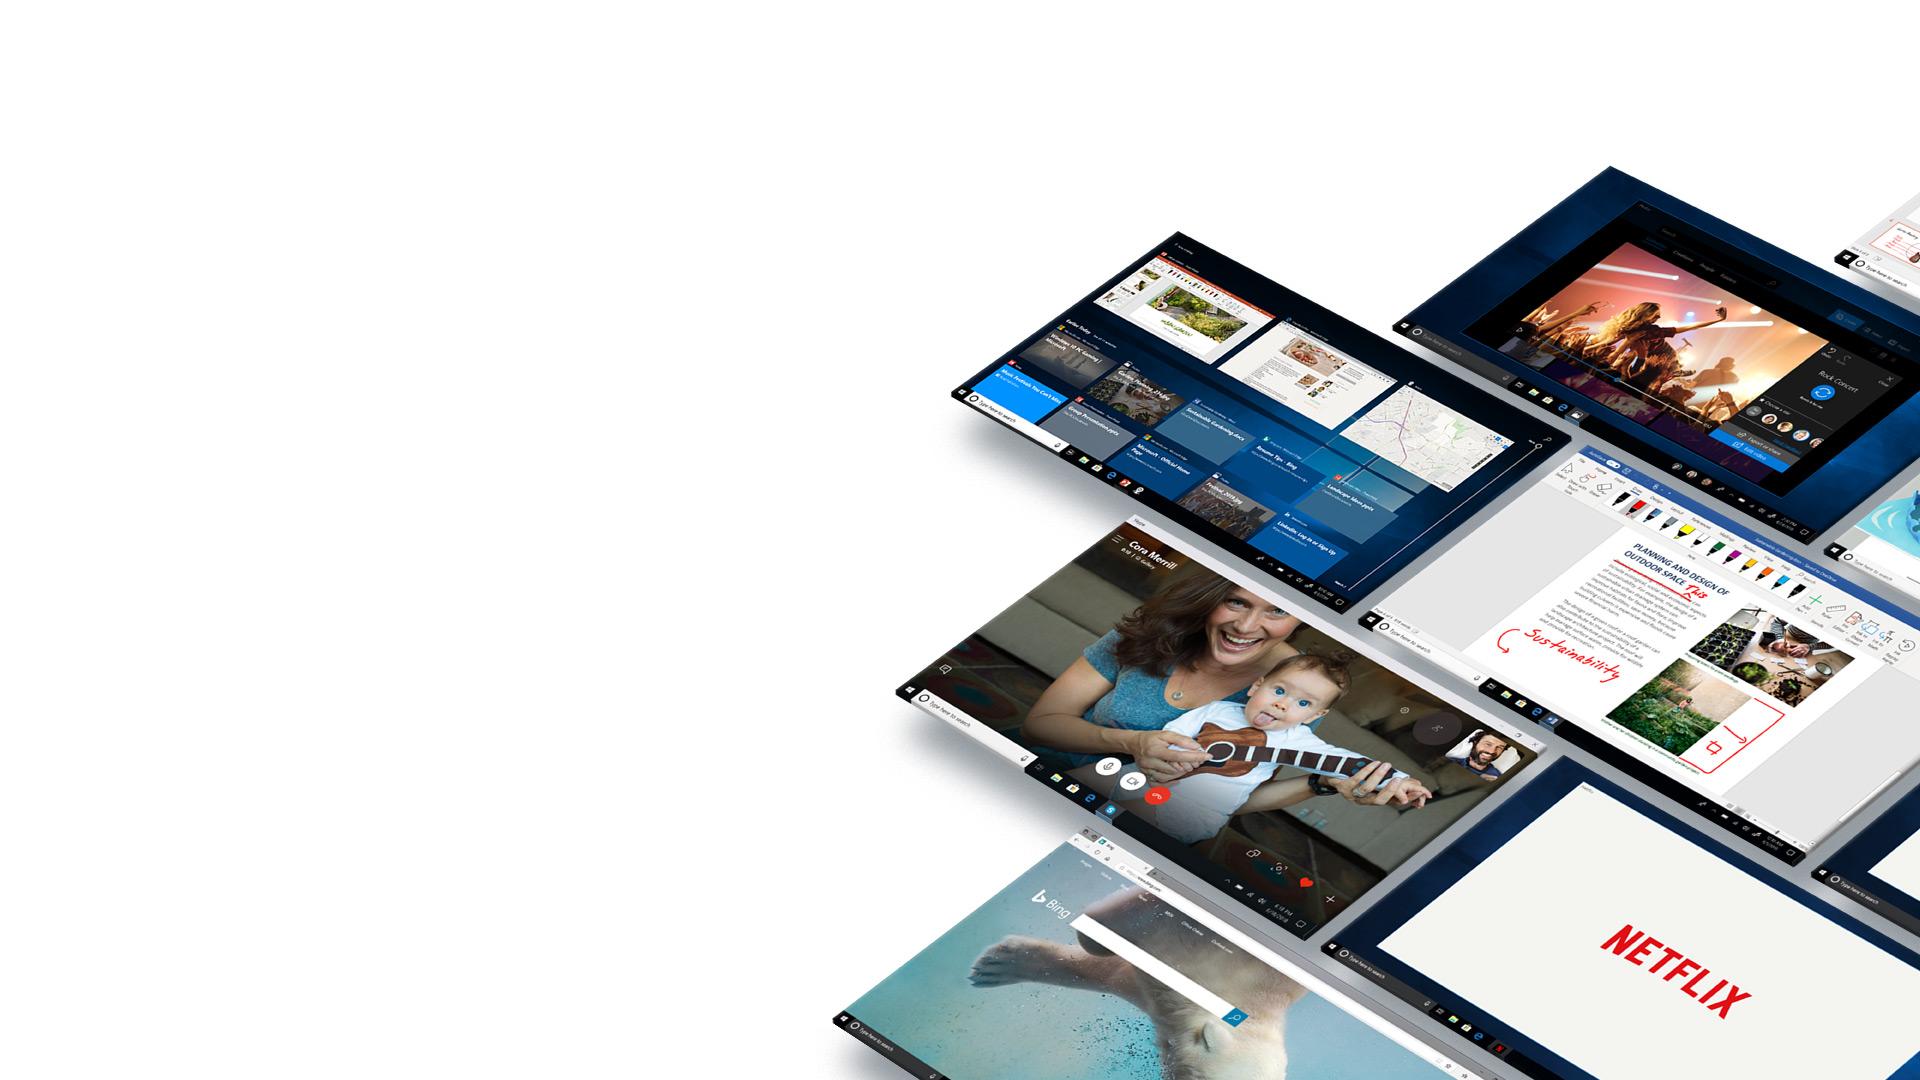 Een mozaïek van platliggende Windows 10-schermen met diverse geopende apps en programma's